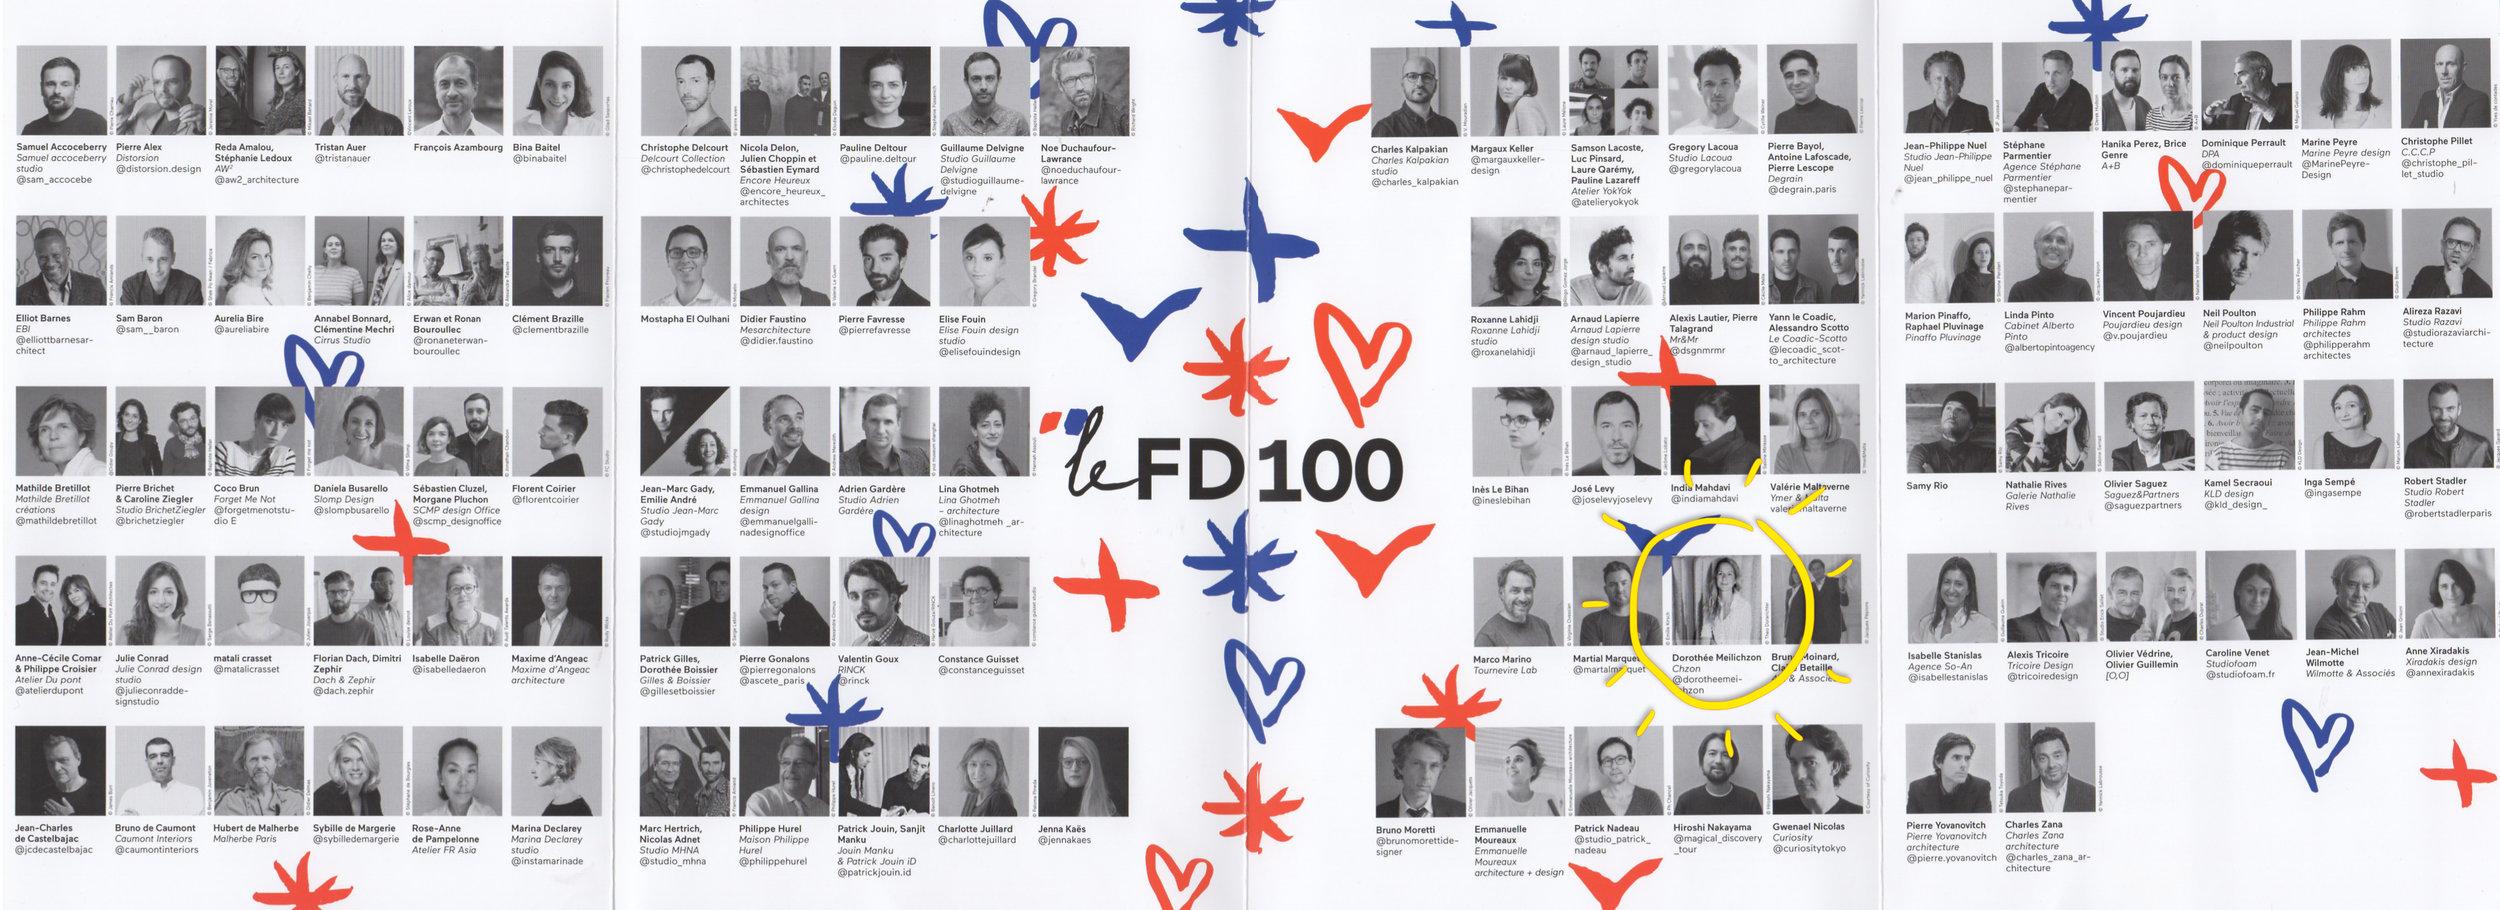 FD100.jpg